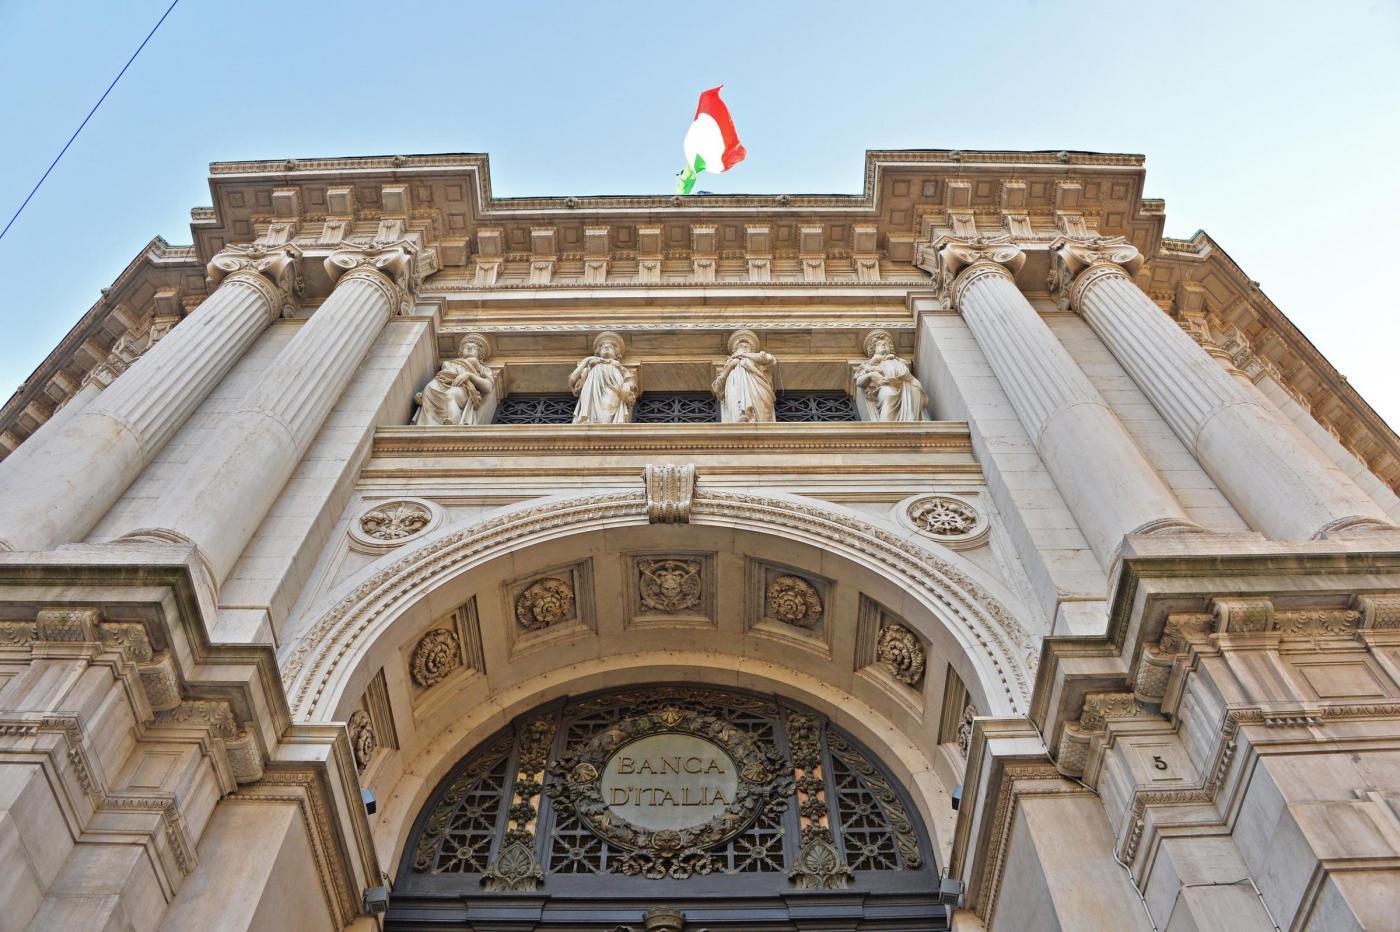 Debito pubblico italiano 2016-2017: la vera storia e tutti gli interessi